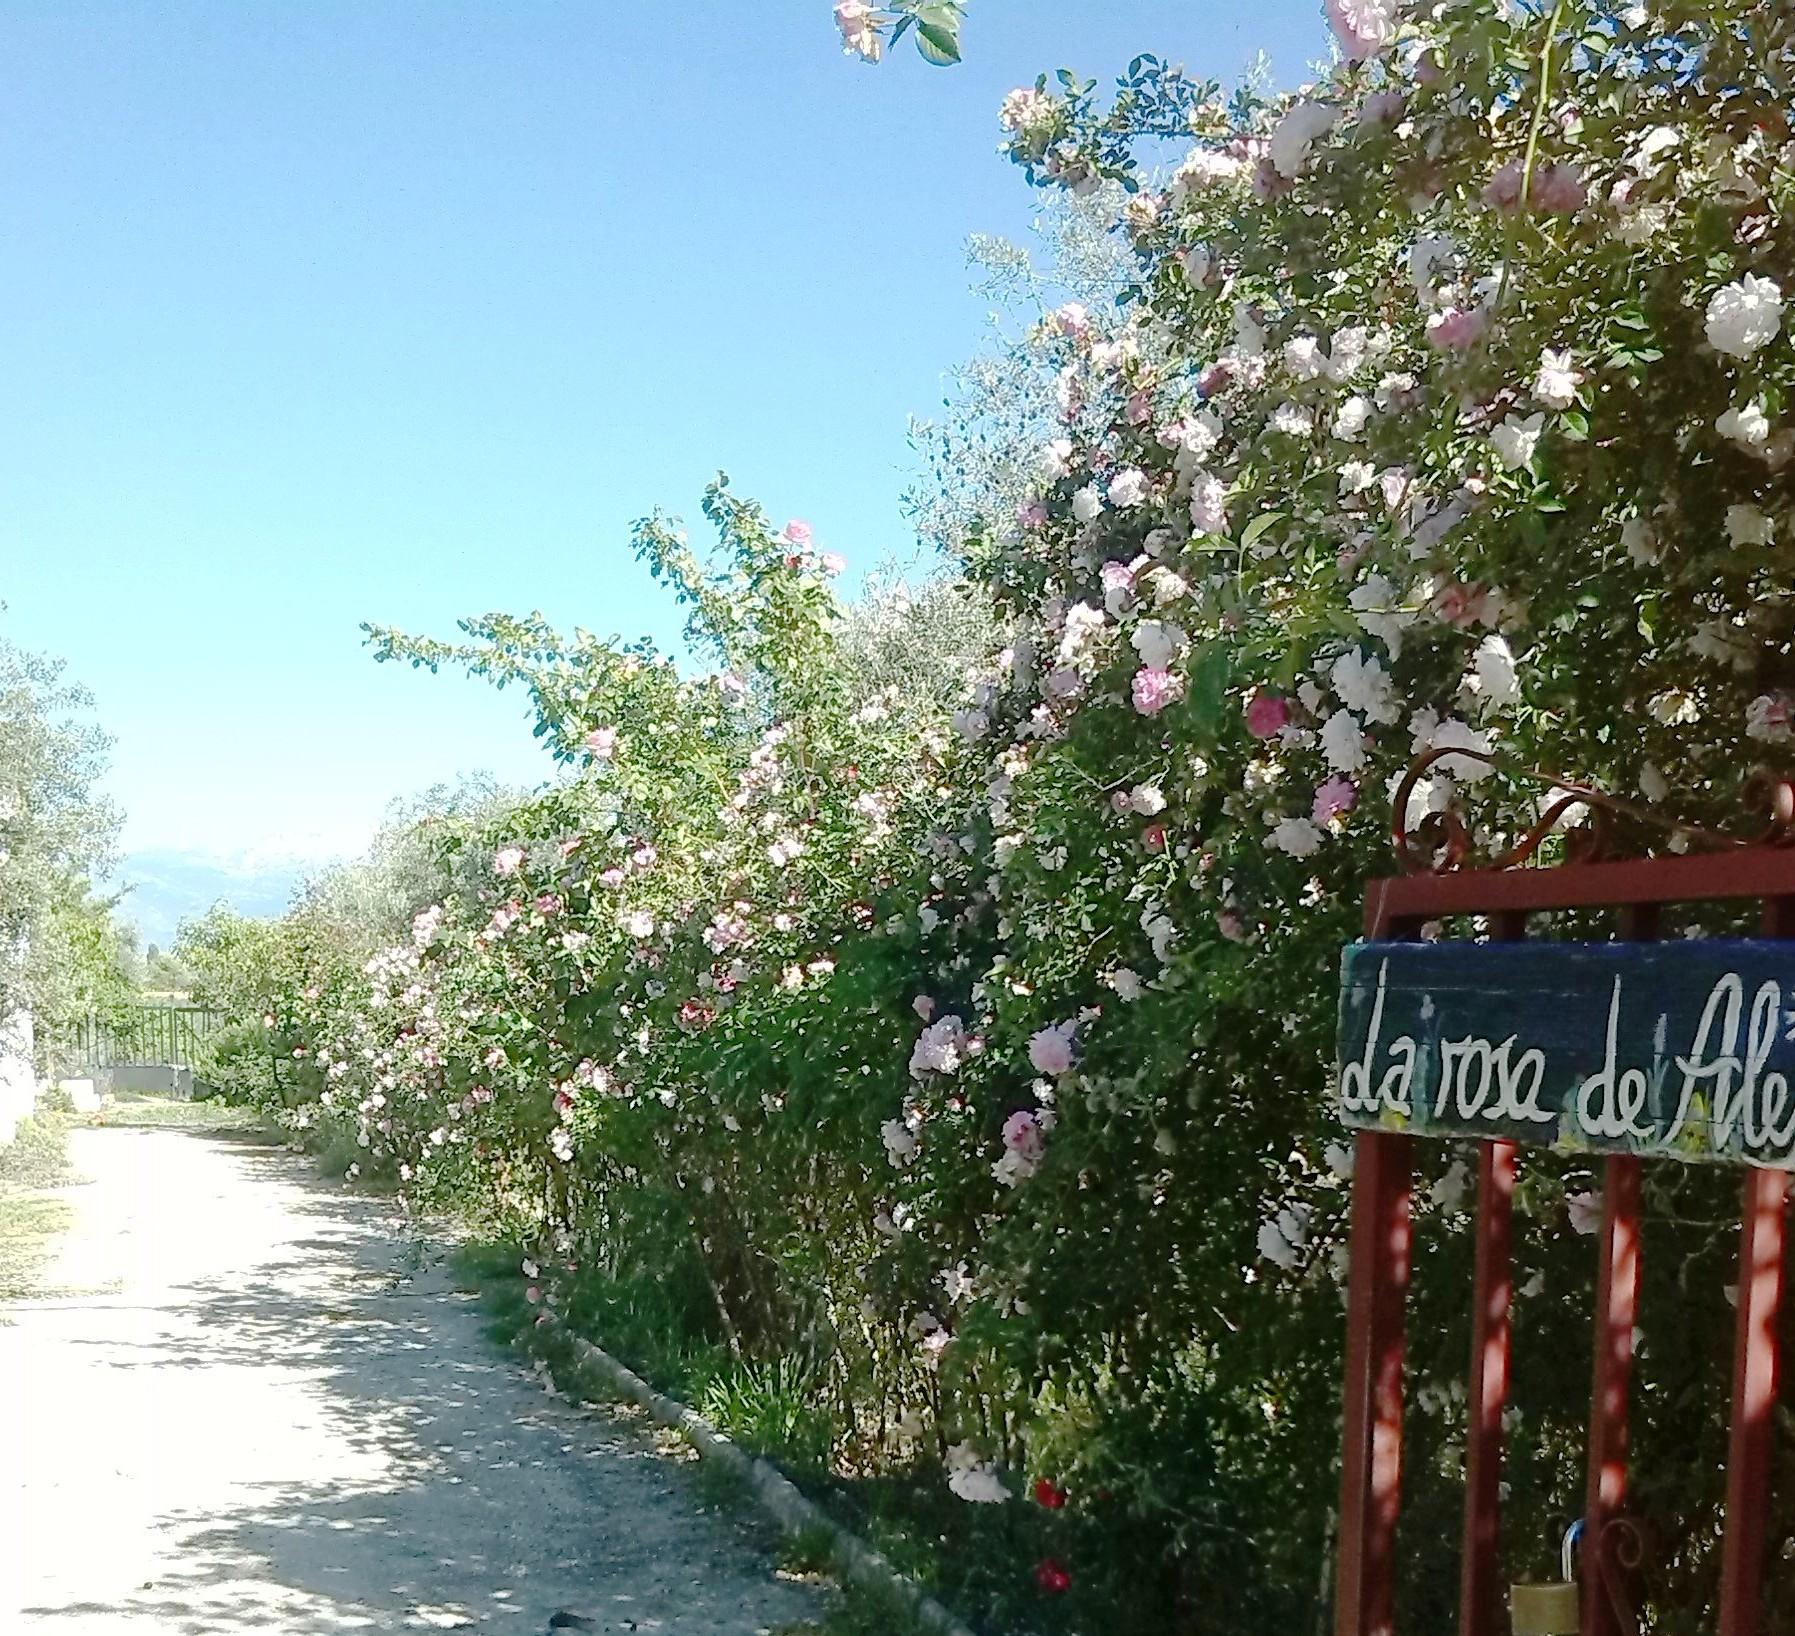 Se hace camino al andar… Talleres de Verano 2014